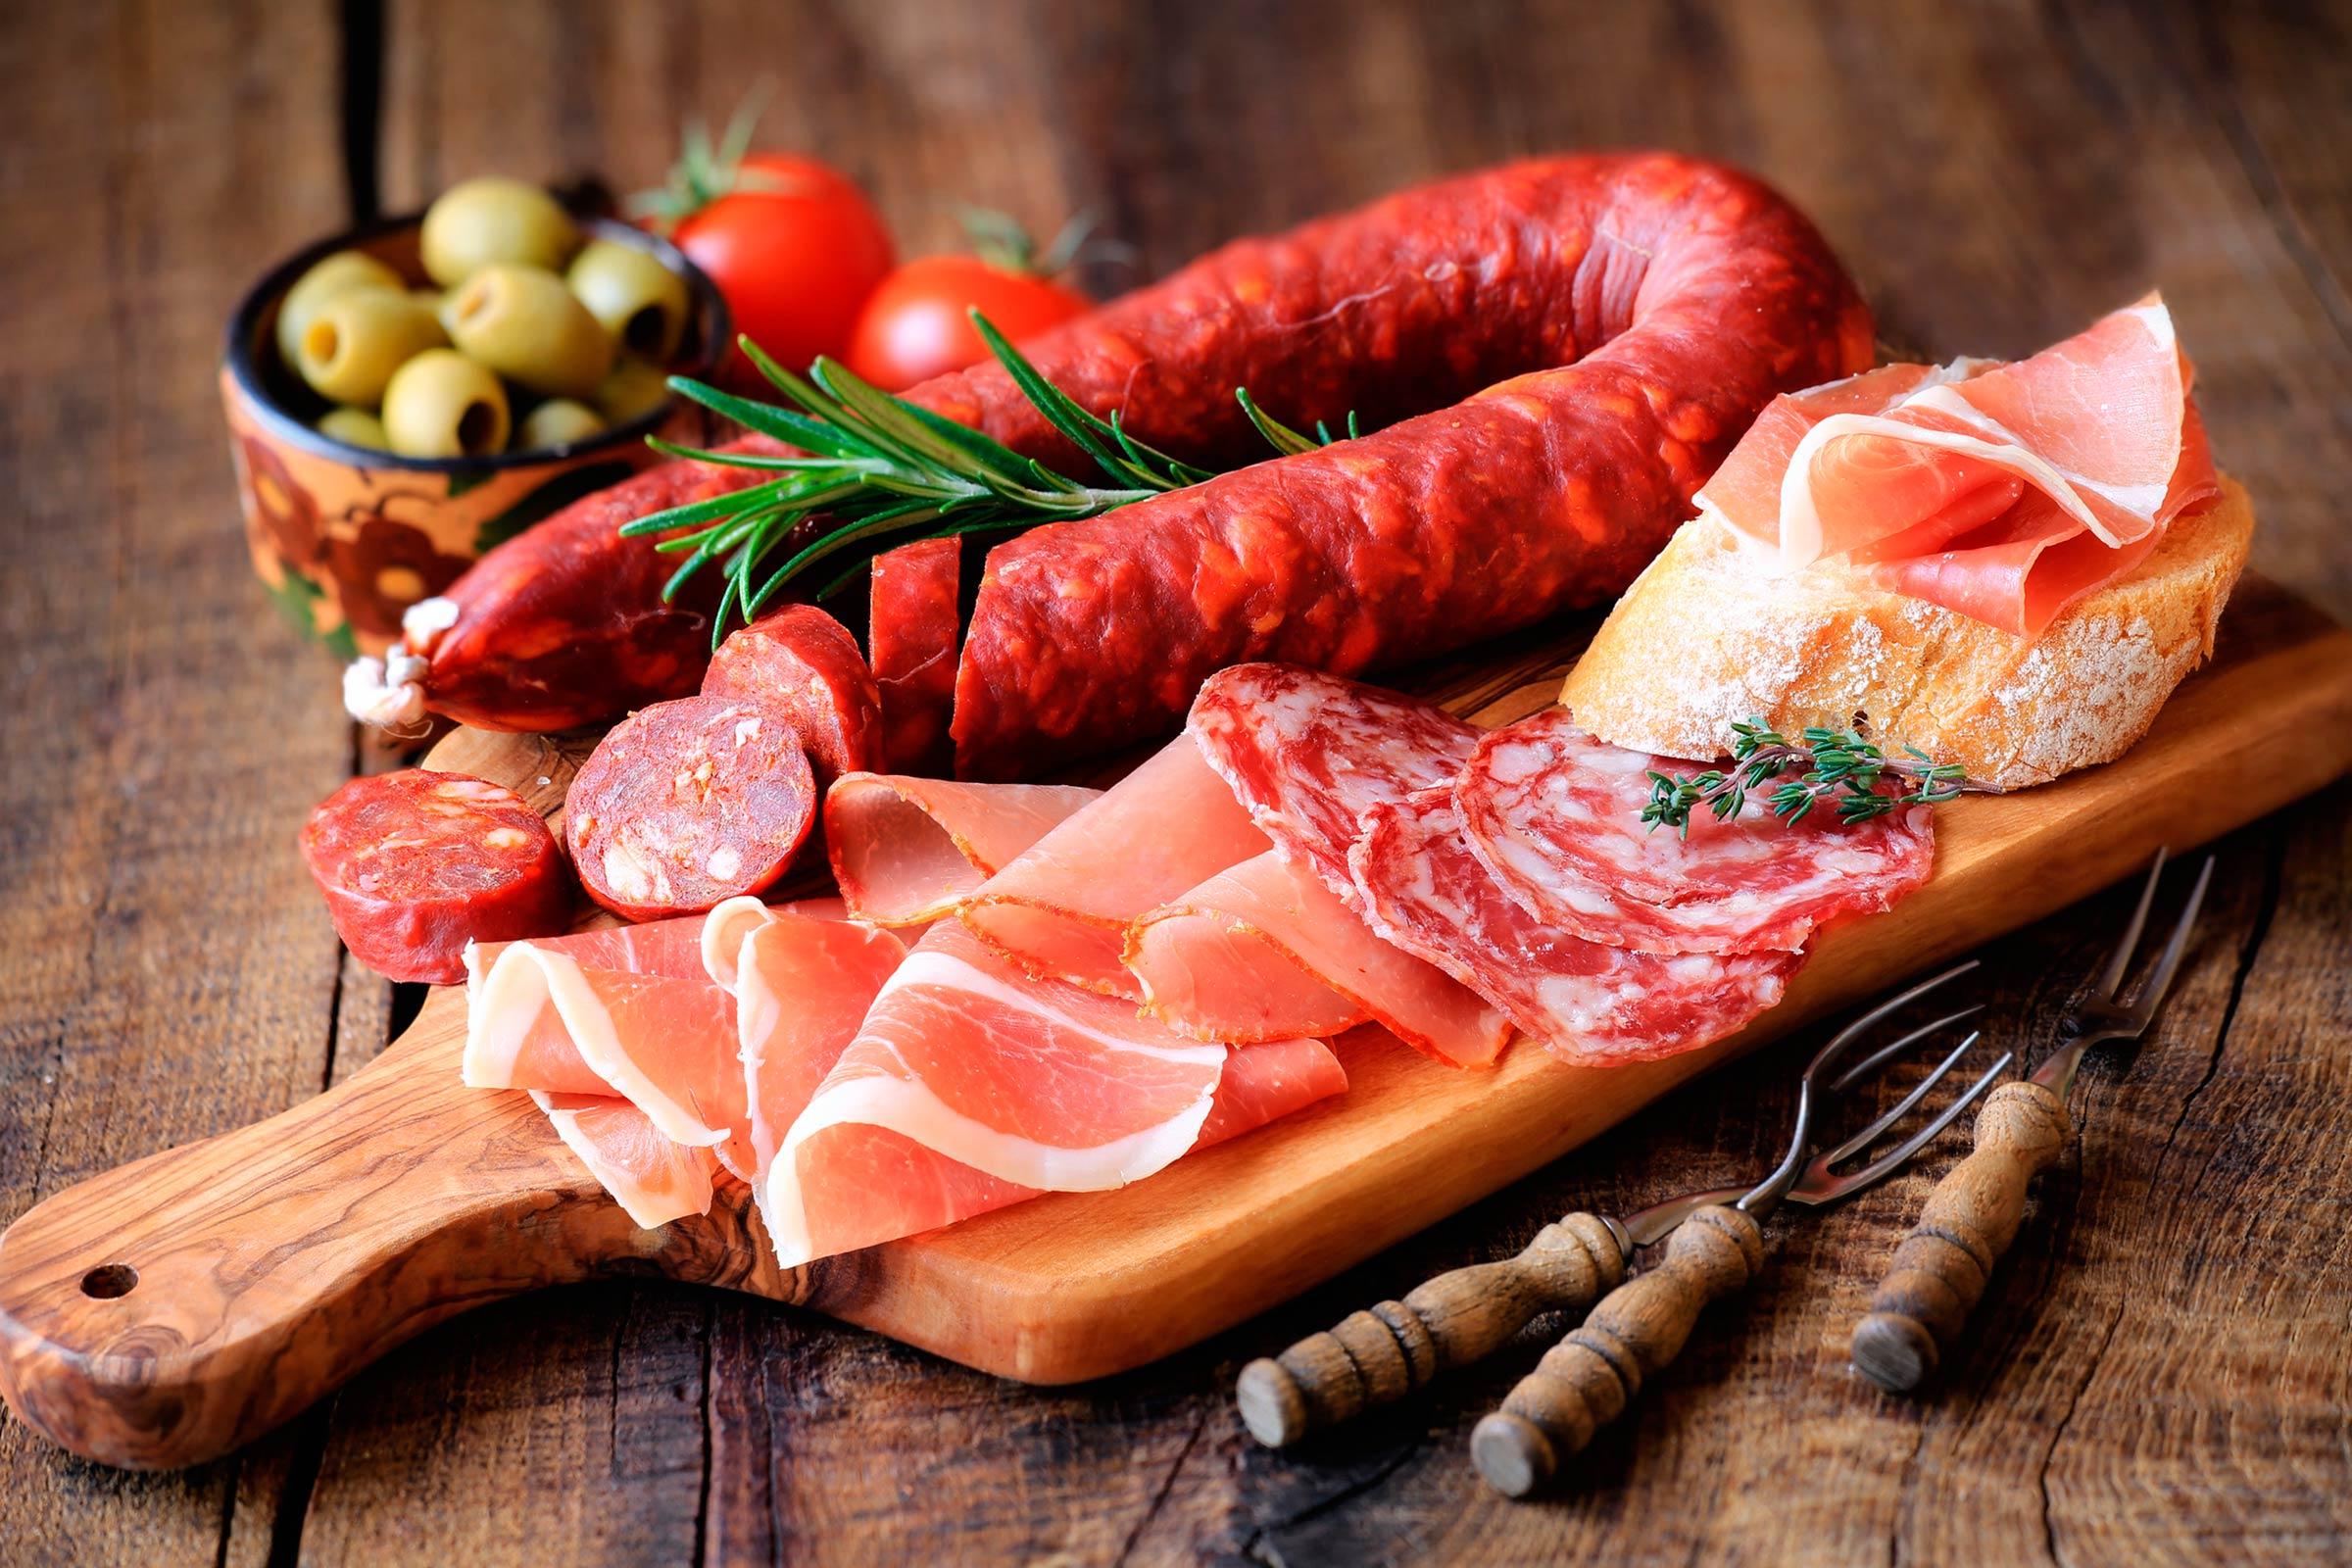 Различныекопчености, колбасы, сосиски и прочие мясные полуфабрикатыповышают риск развити